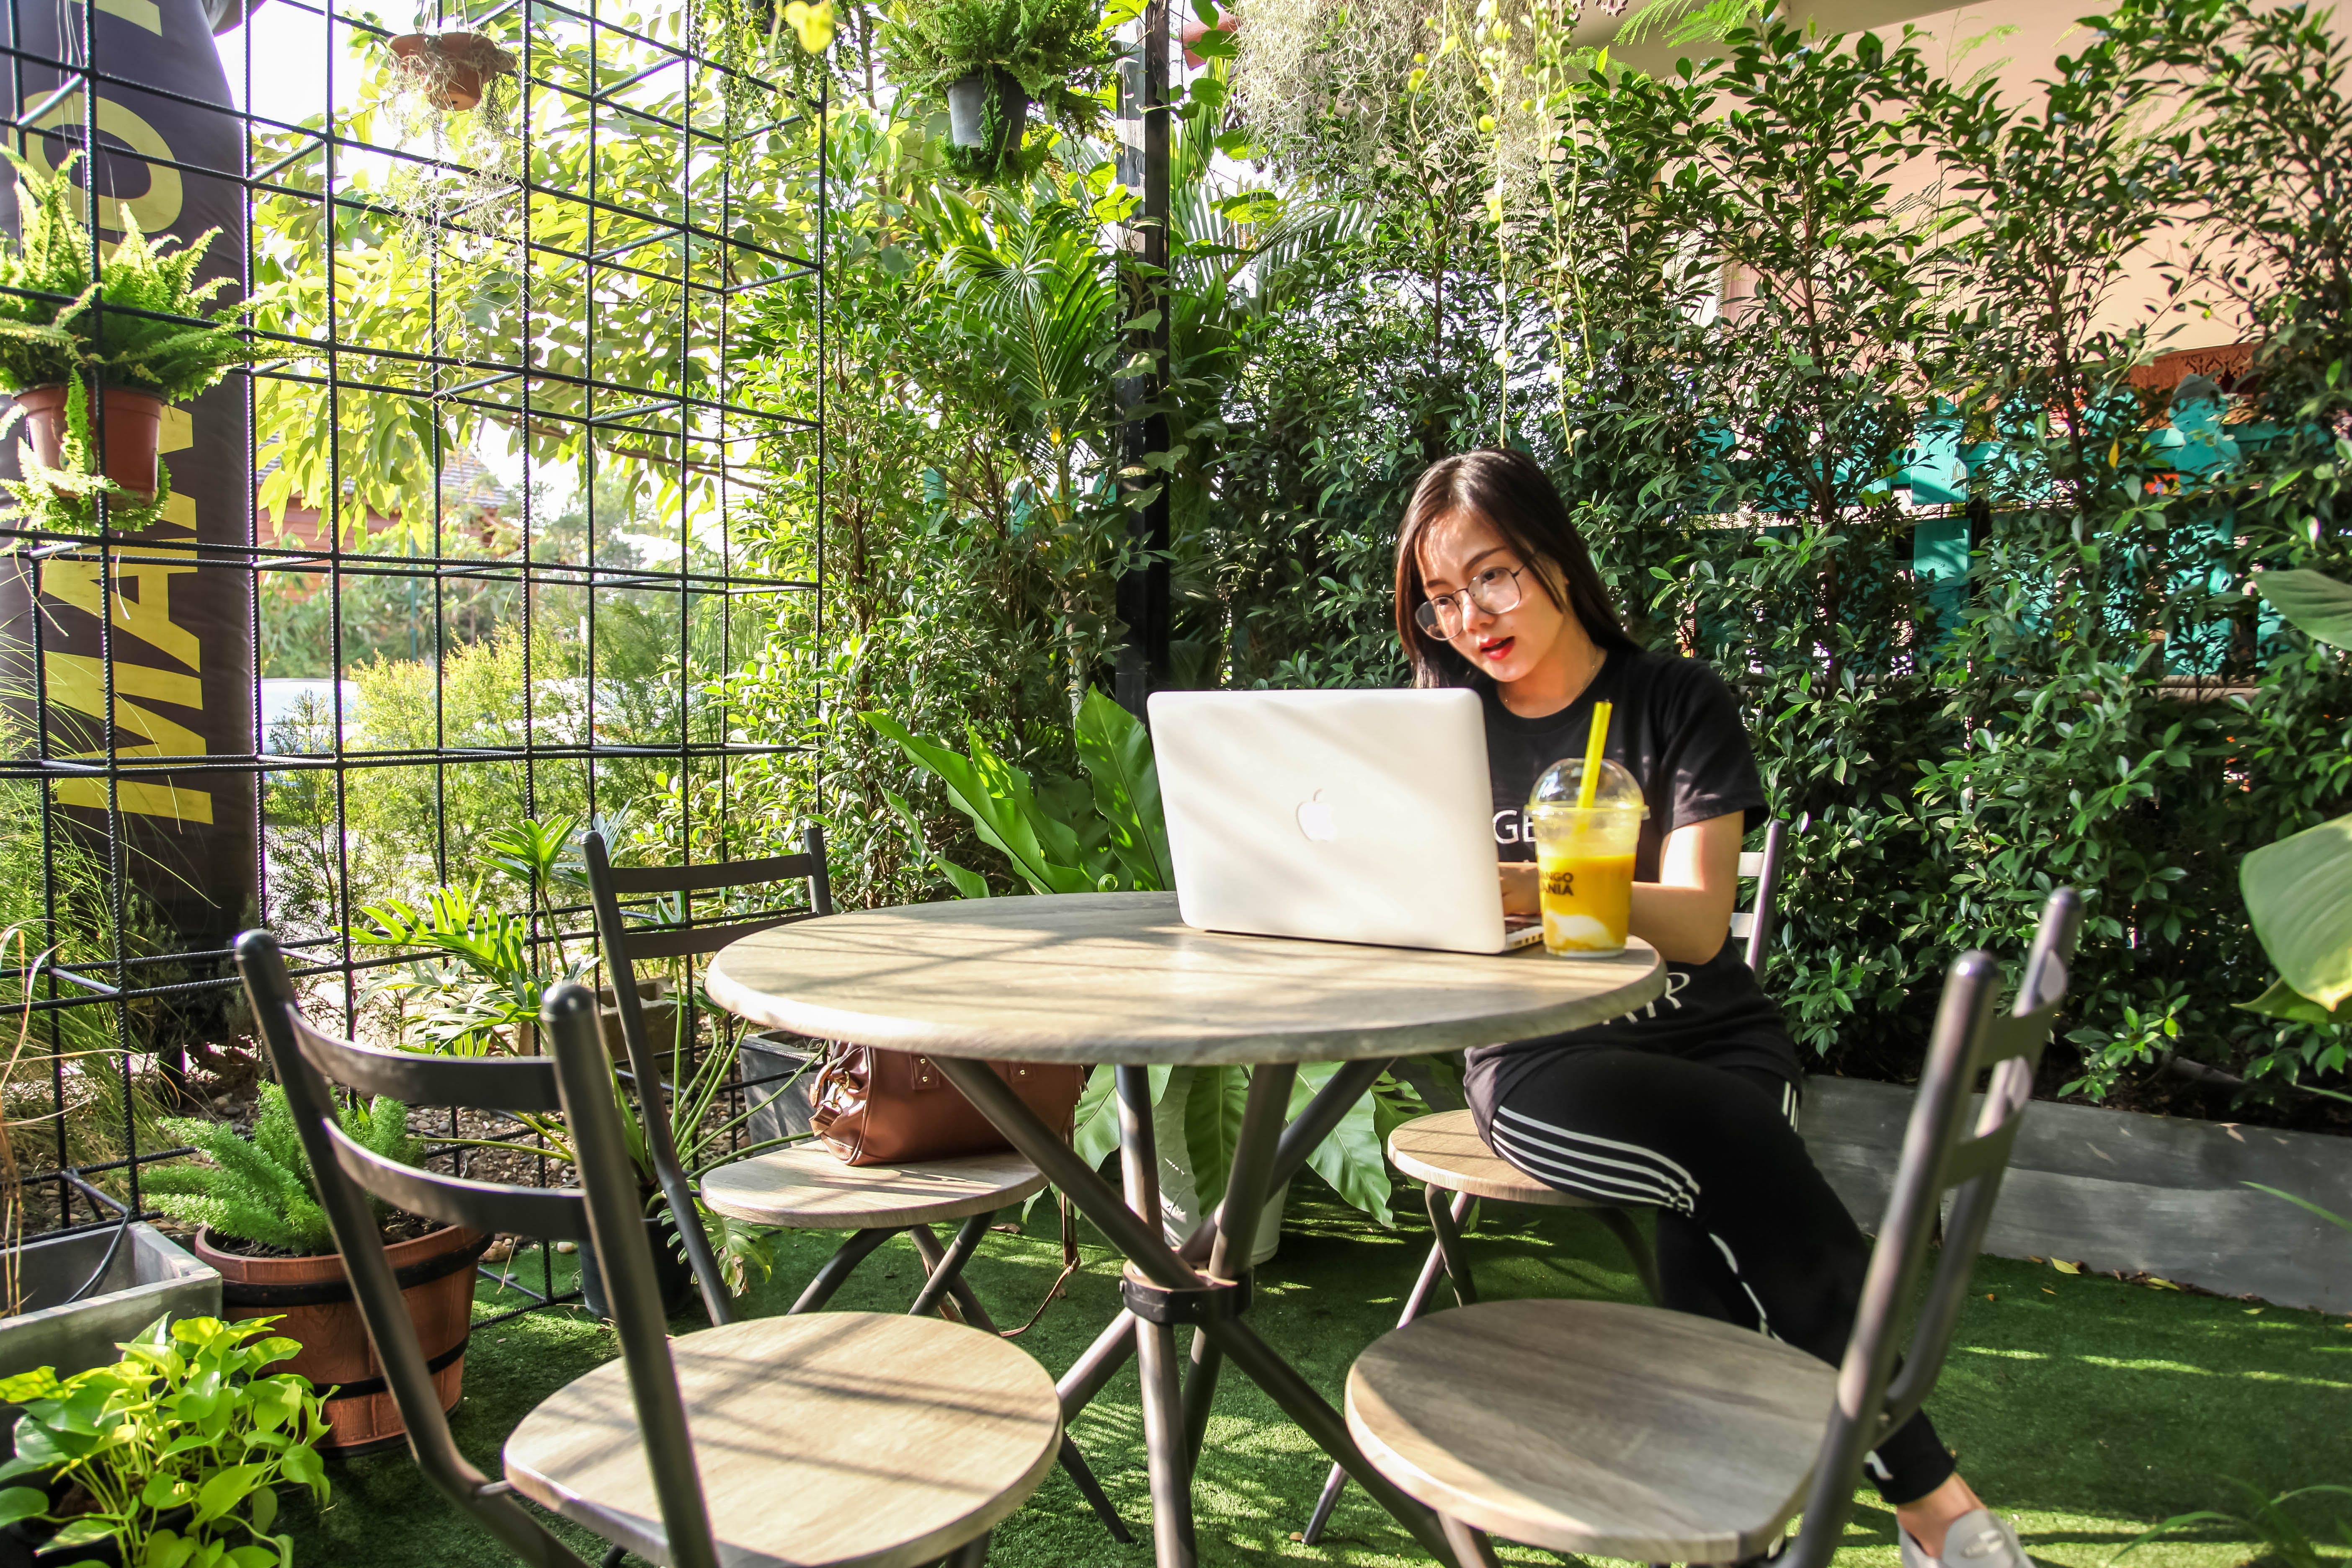 가구, 공원, 노트북, 느긋하게 휴식을 취하다의 무료 스톡 사진